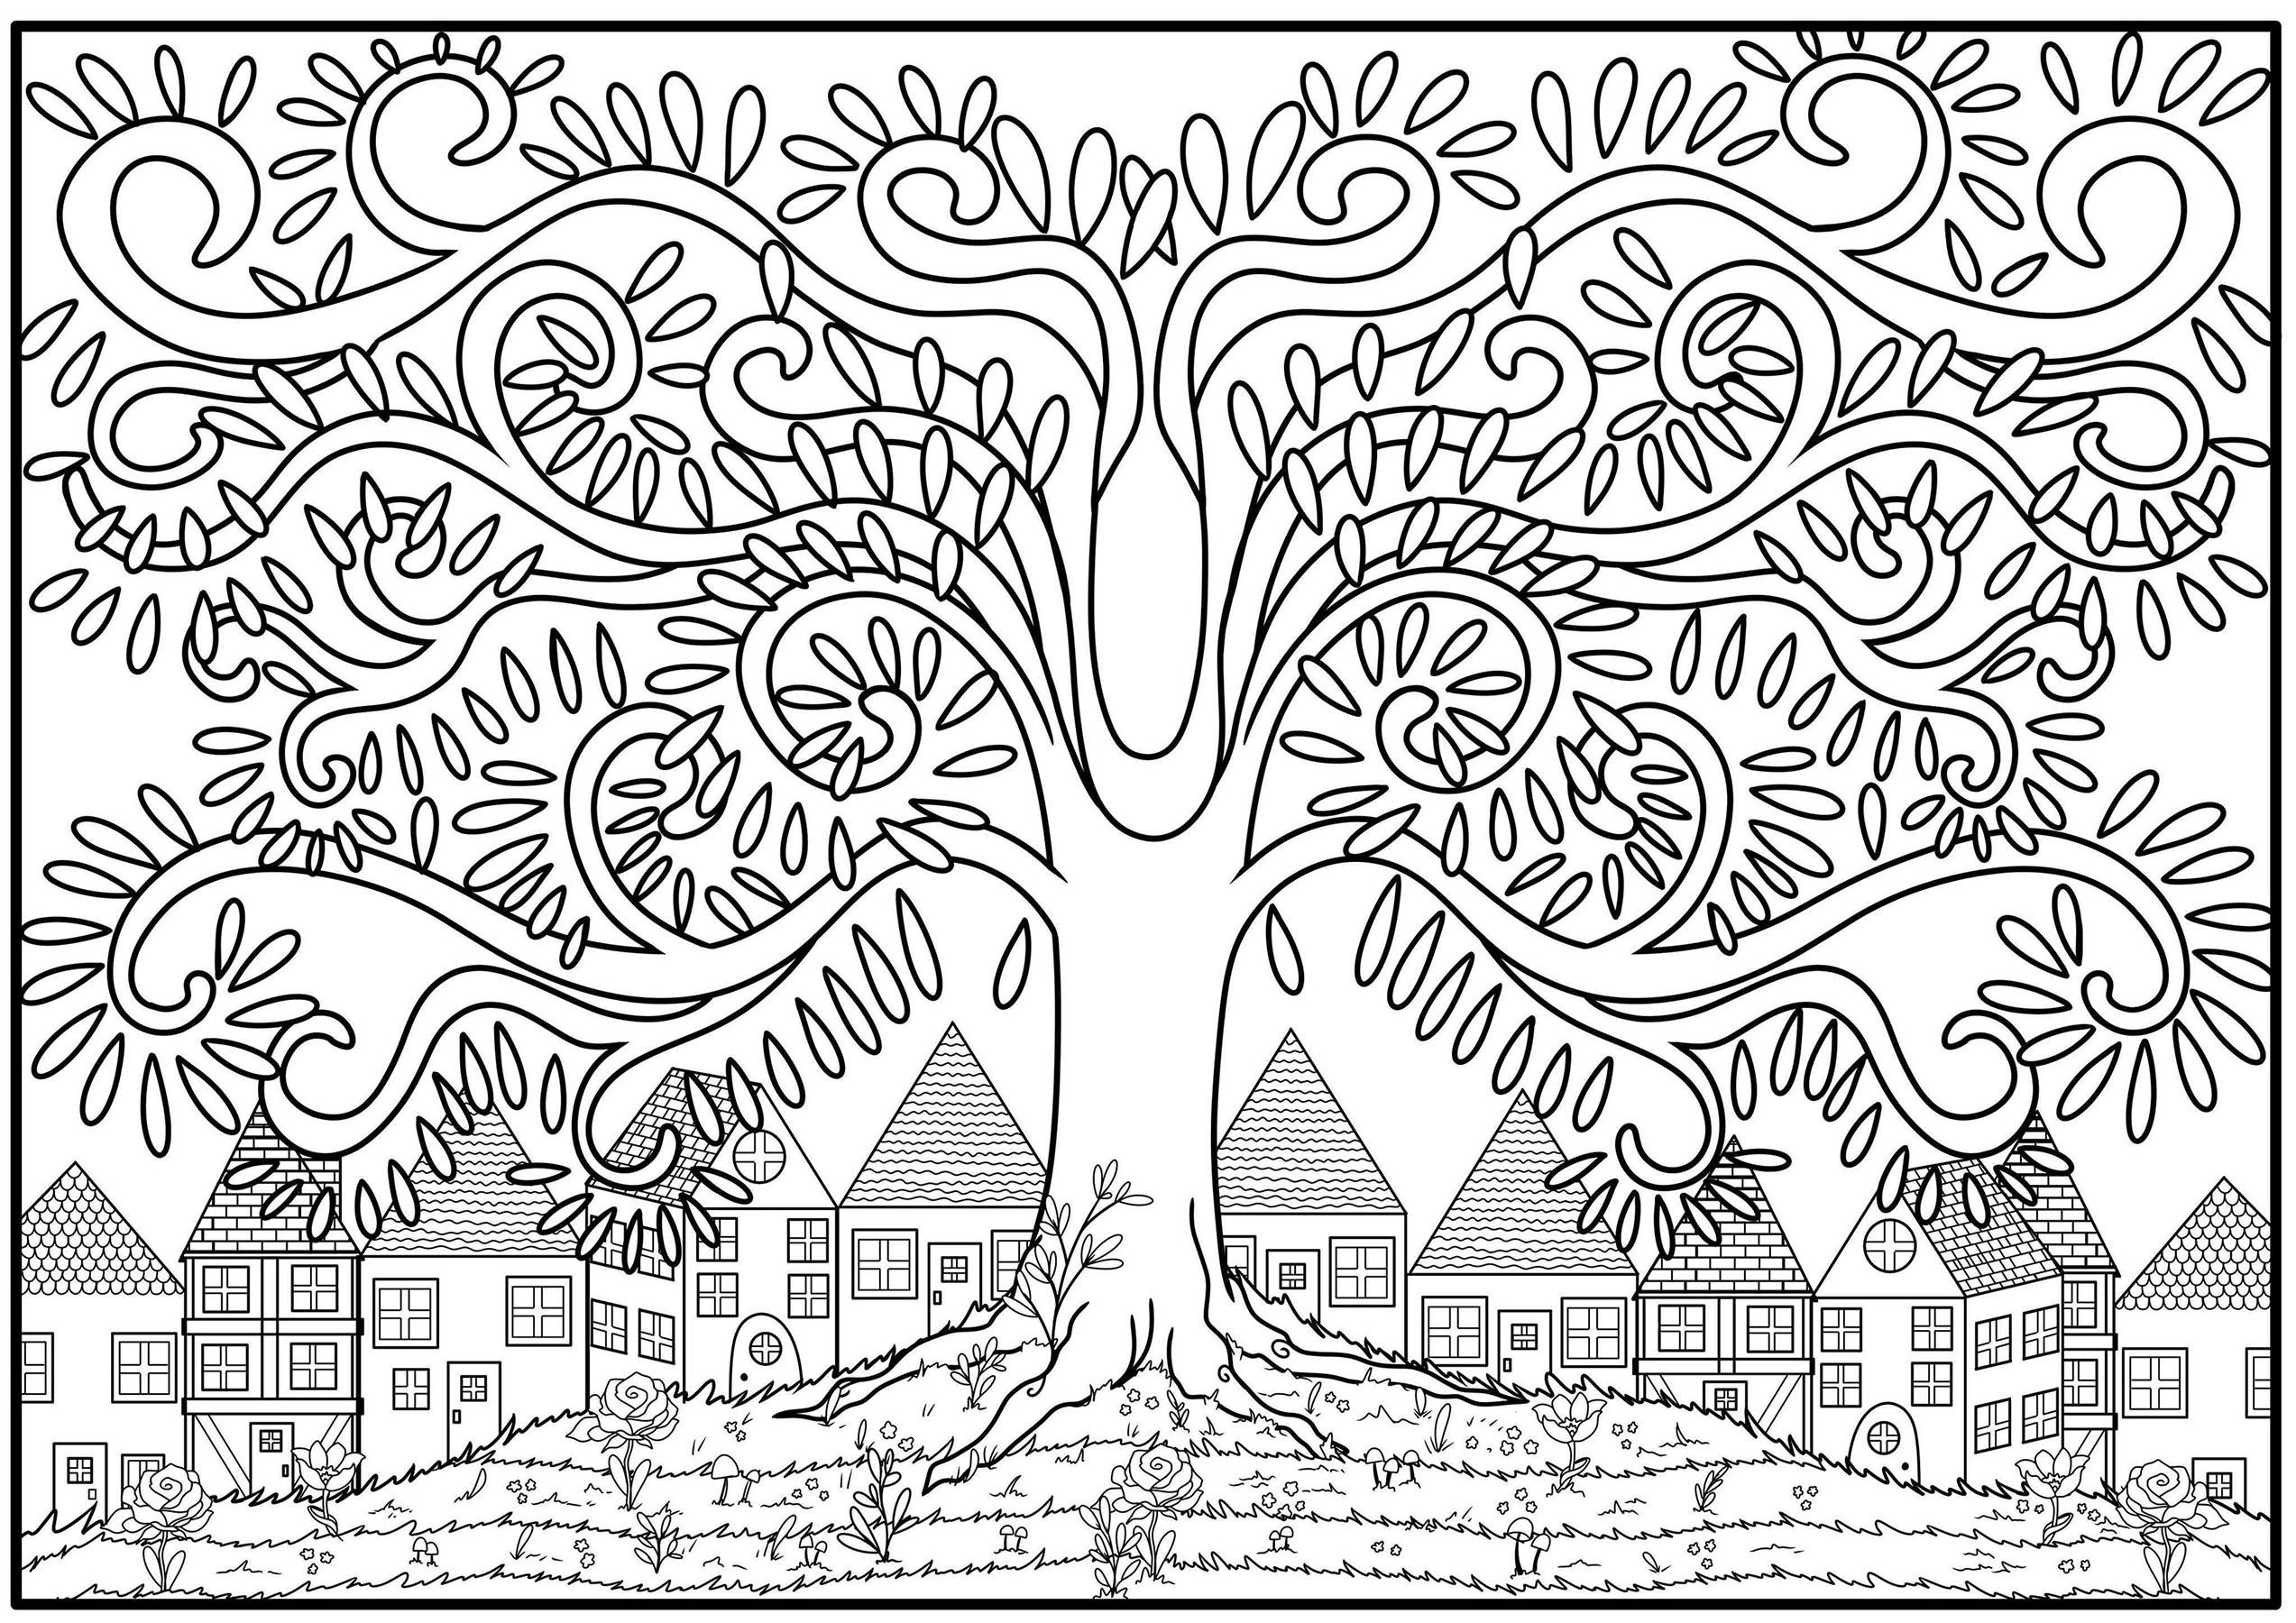 Coloriage d'un arbre aux branches en arabesques, sur le haut d'une colline fleurie avec des maisons en arrières-plan.